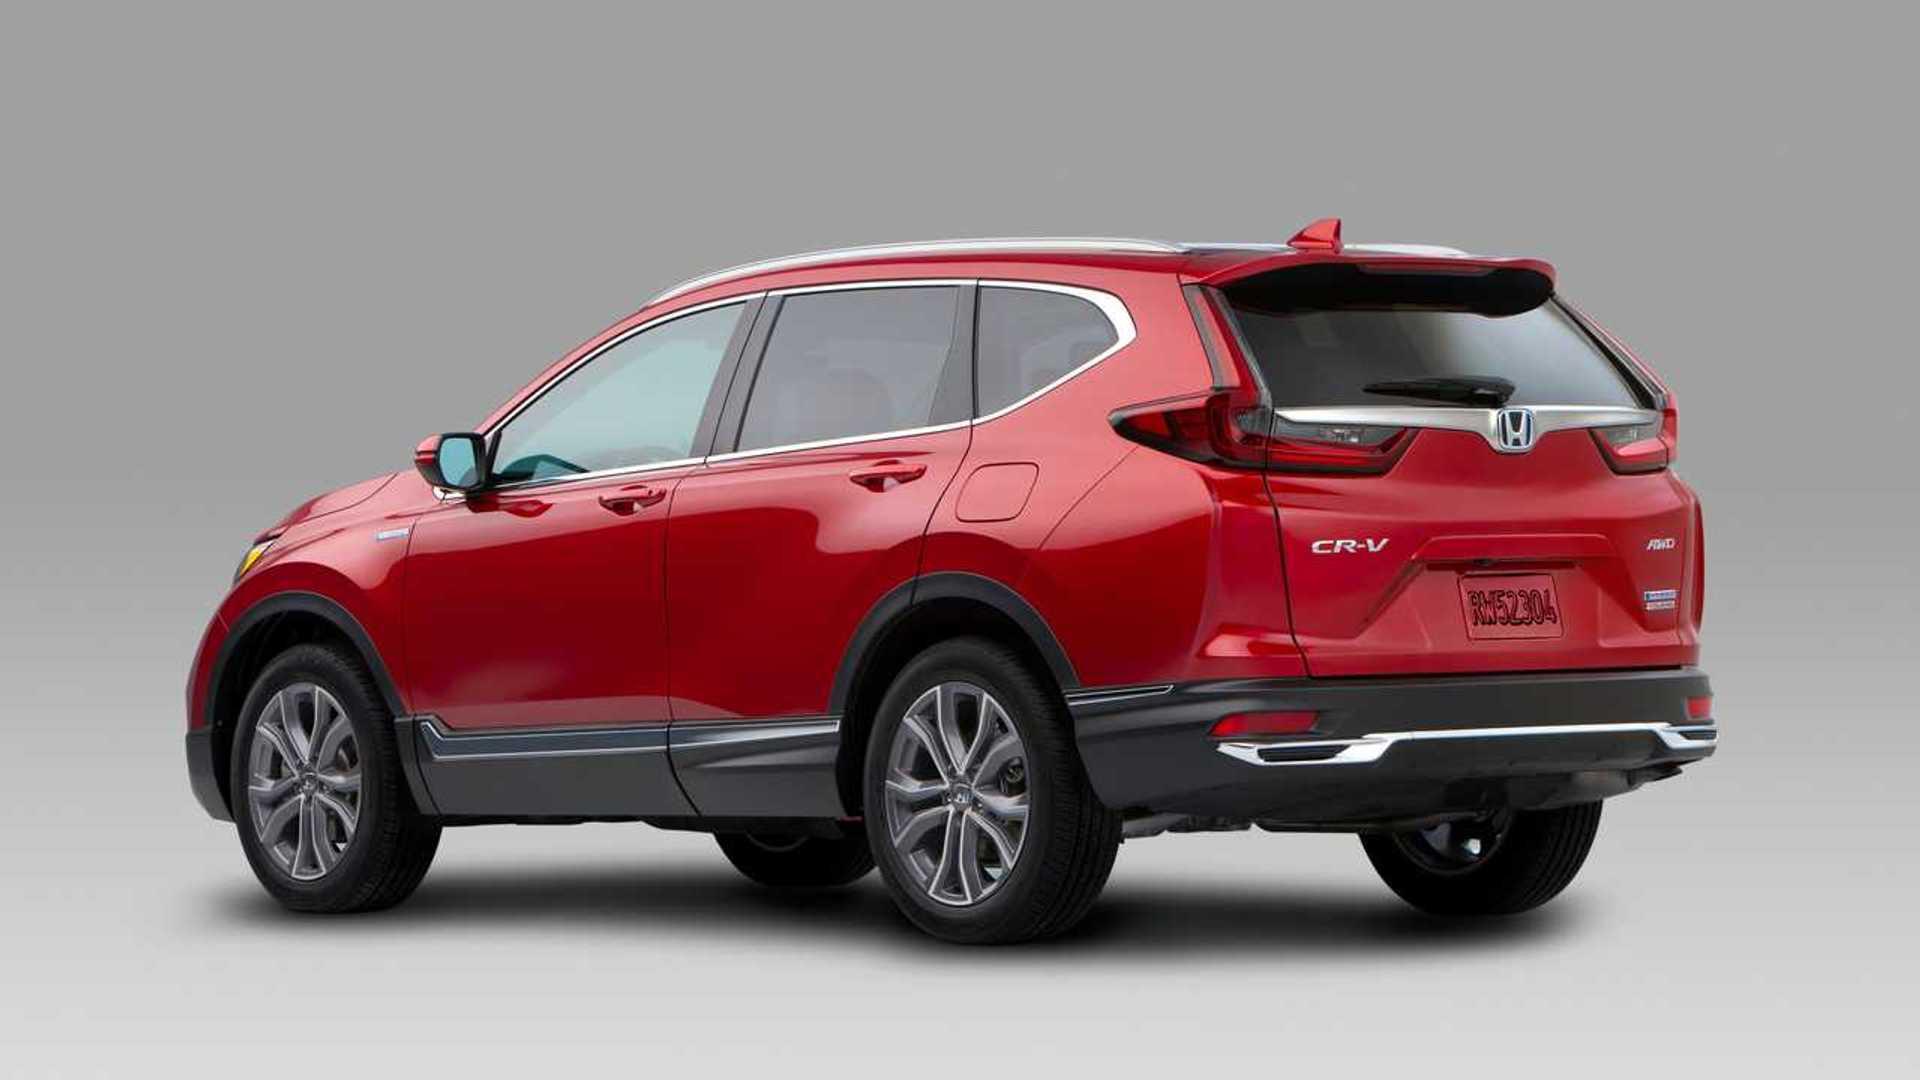 Honda Cr V 2020 Estreia Com Mudanca Visual E Versao Hibrida